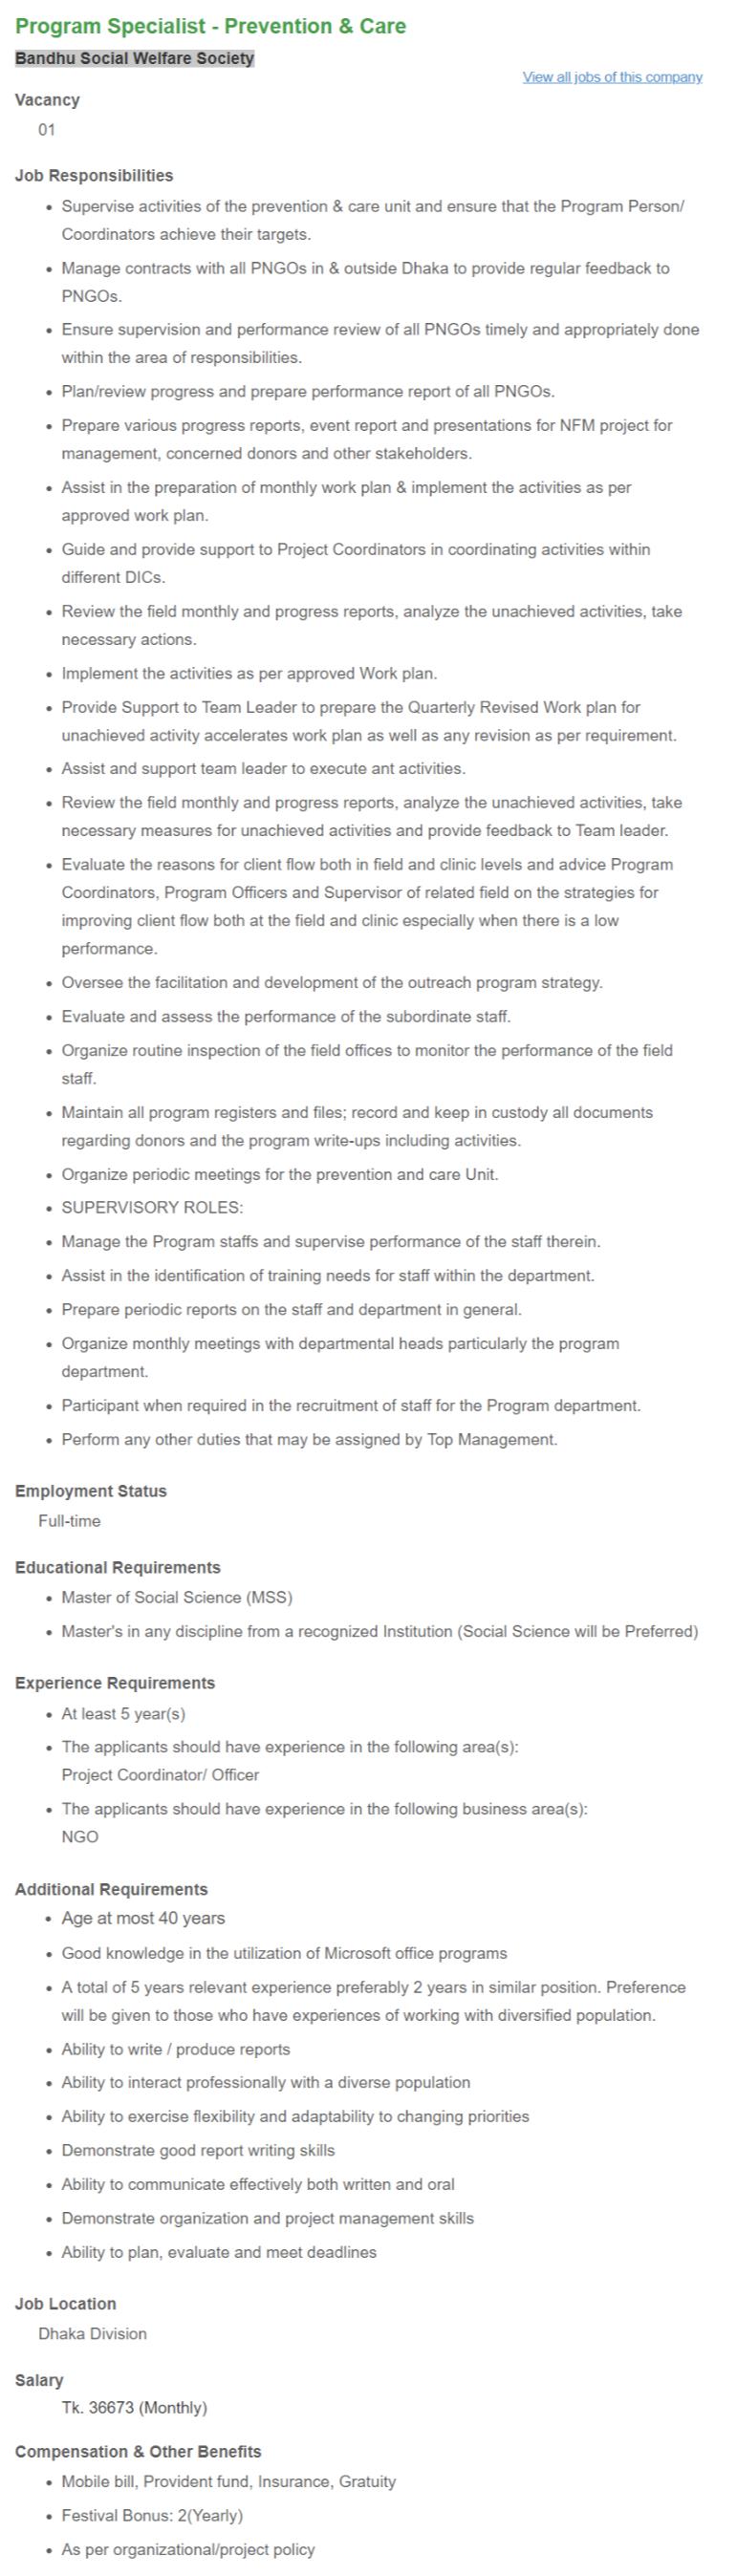 BSWC Job Circular Apply Process